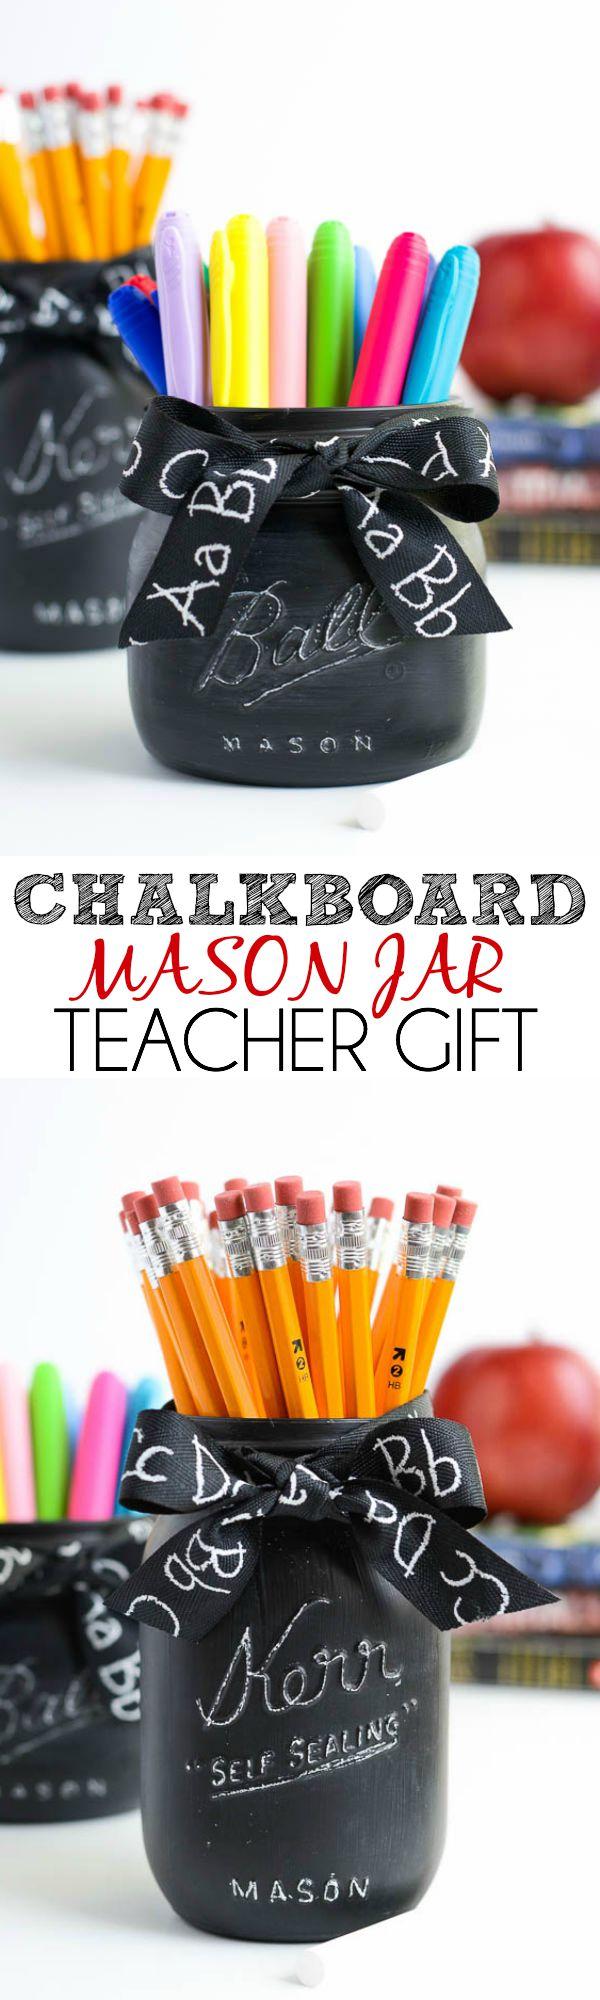 Chalkboard-Mason-Jar-Teacher-Gift